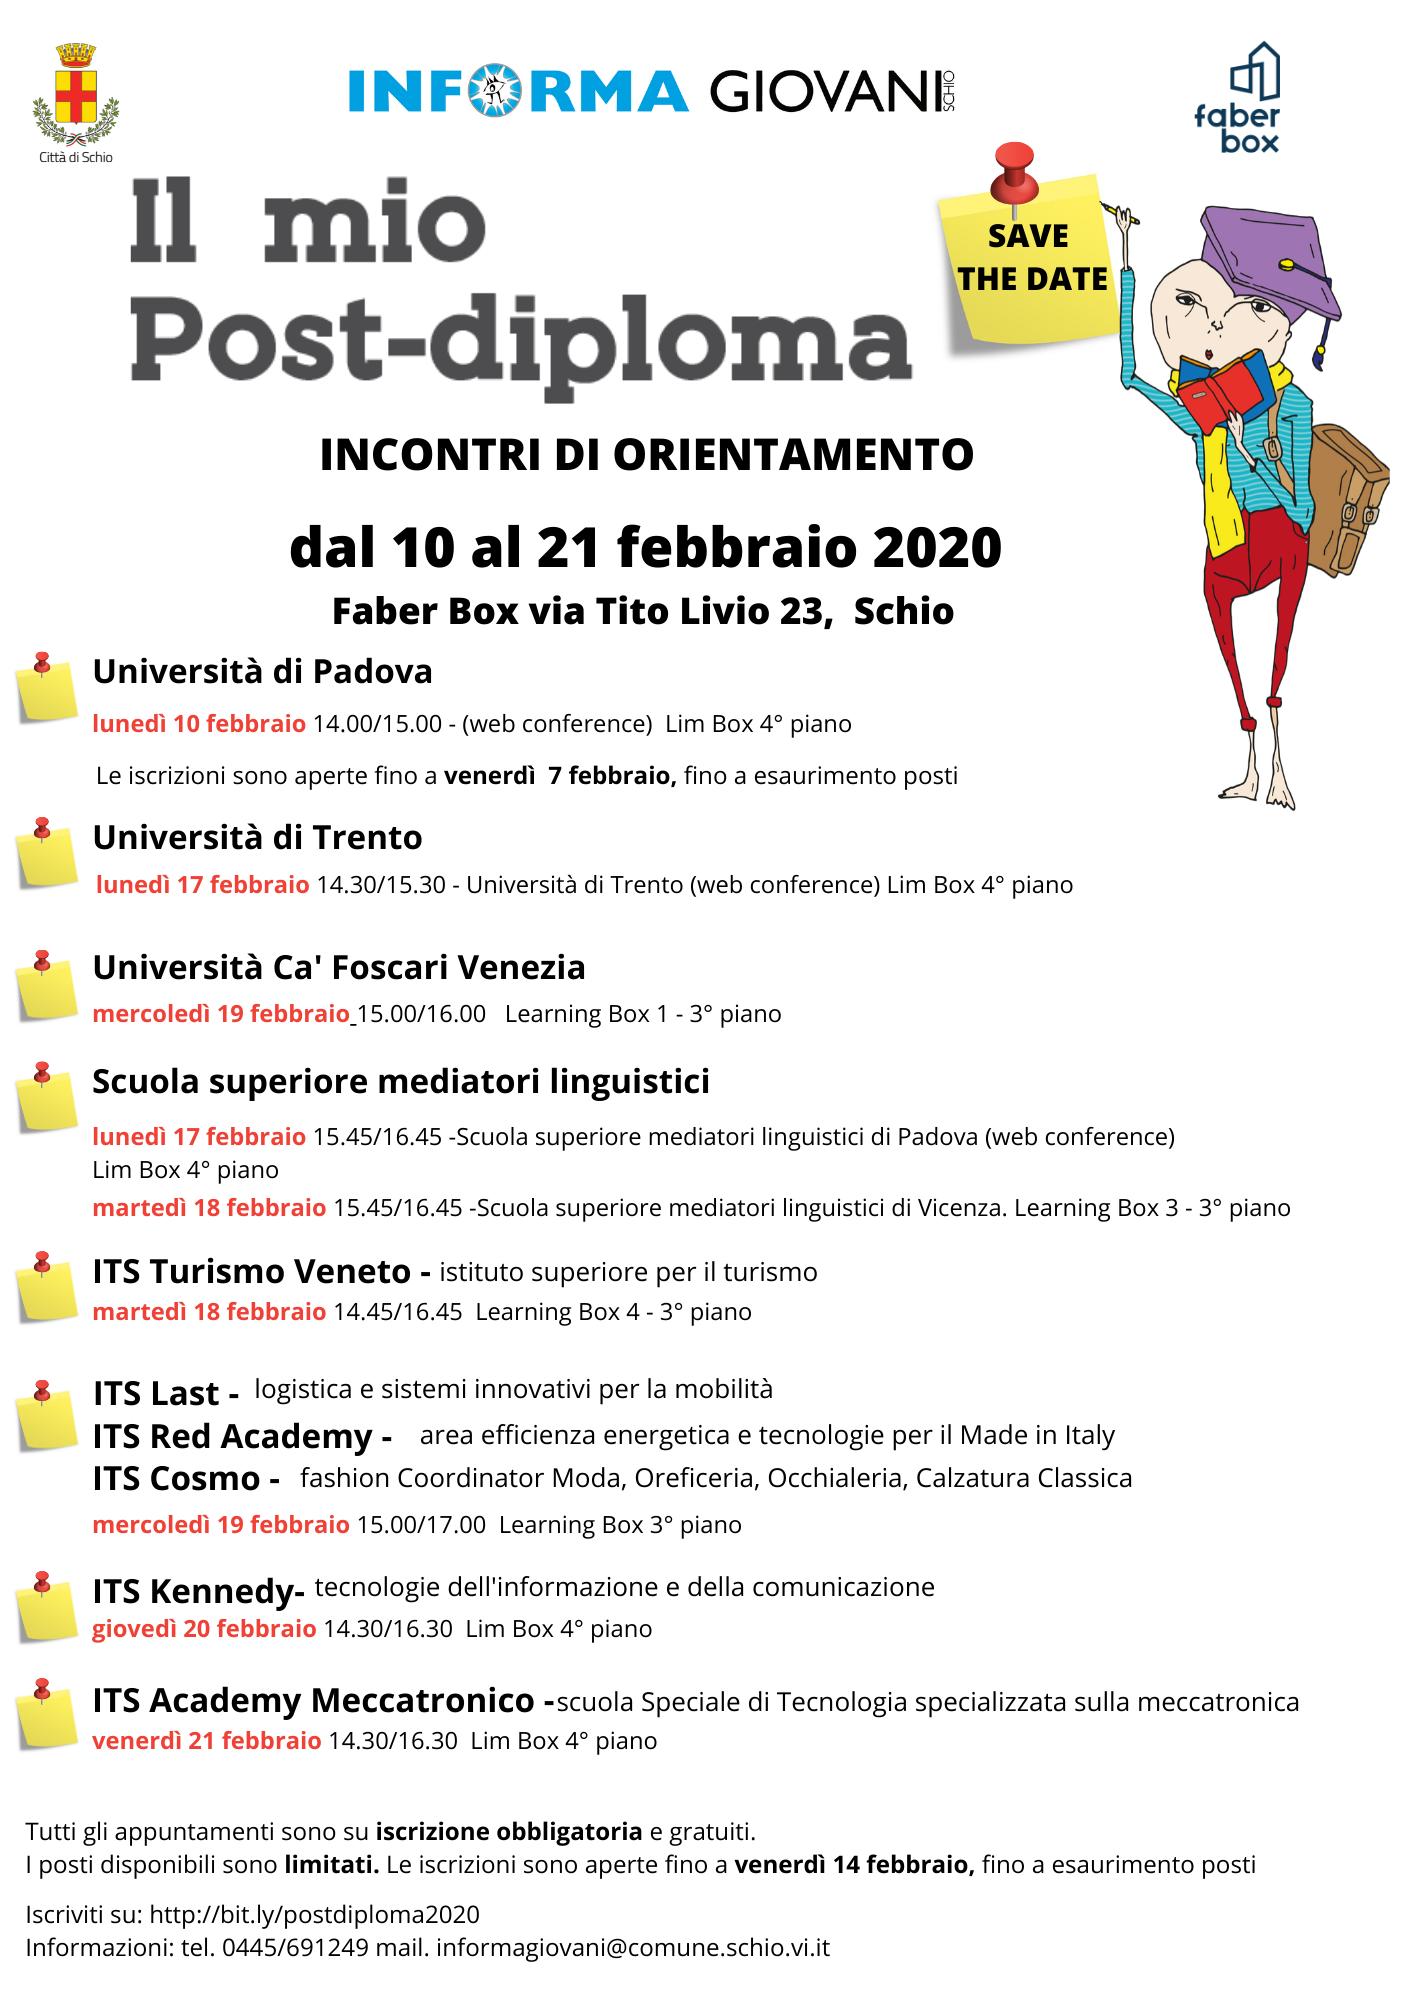 Il mio post-diploma – Ed. 2020